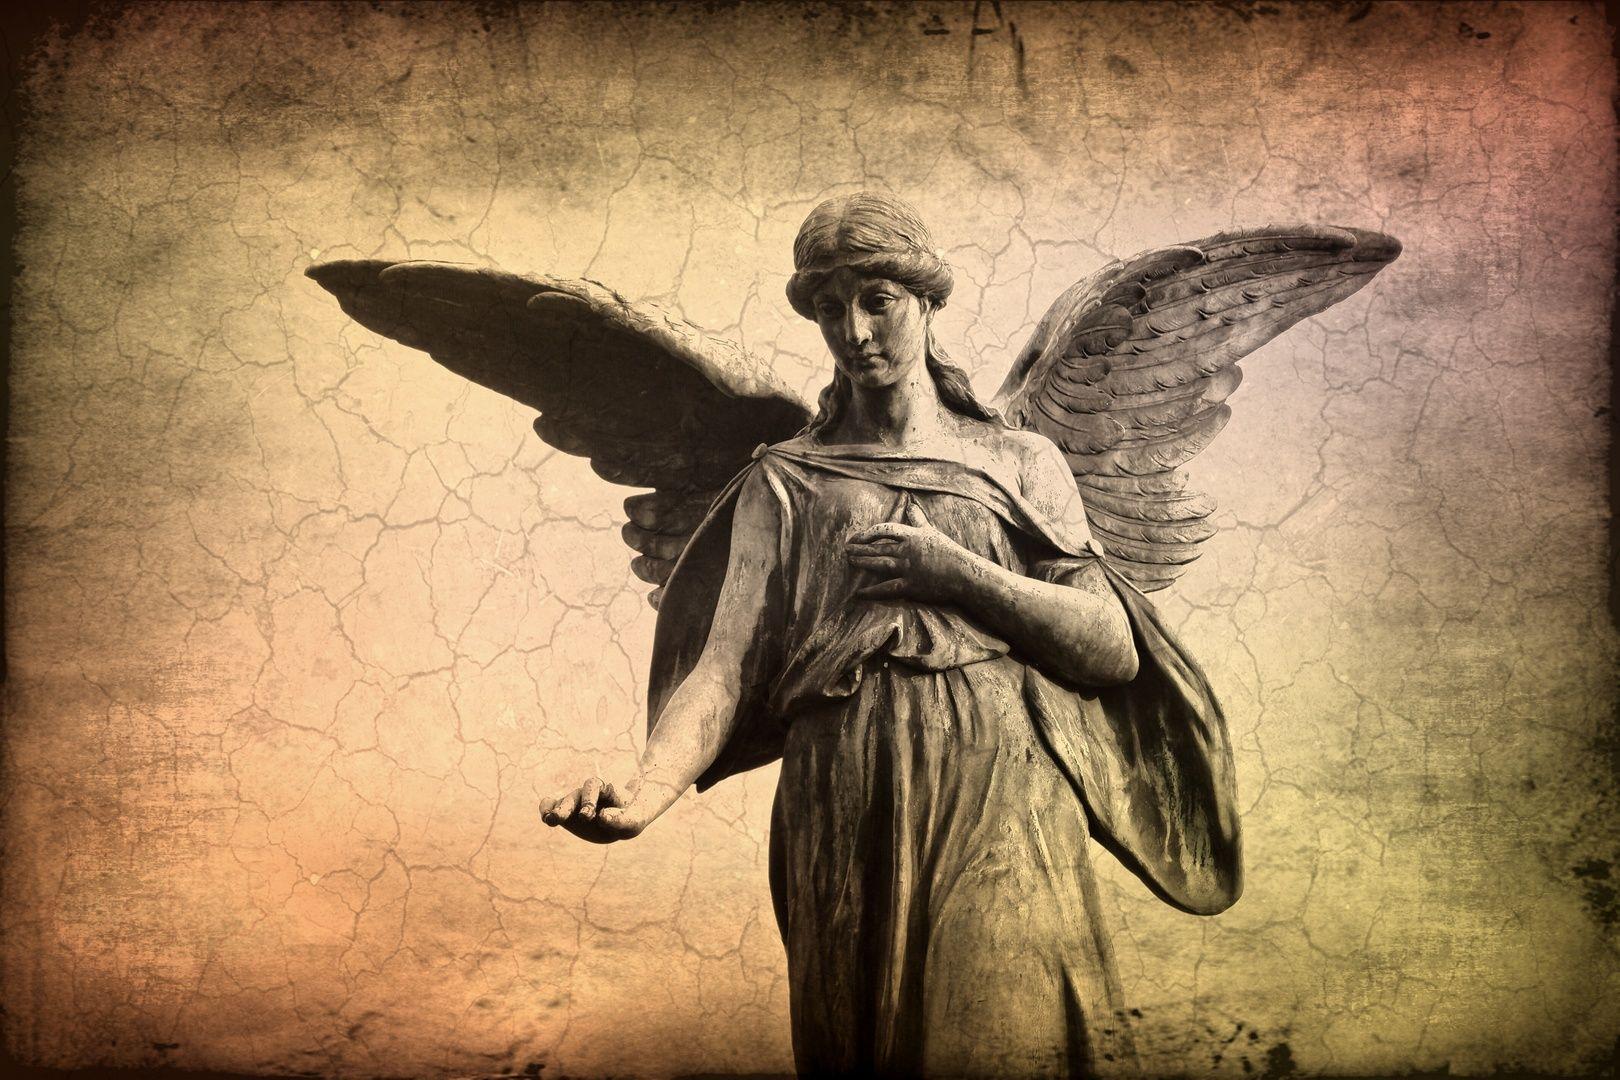 Der Engel, nach dem ihr ausschaut, er ist schon unterwegs.